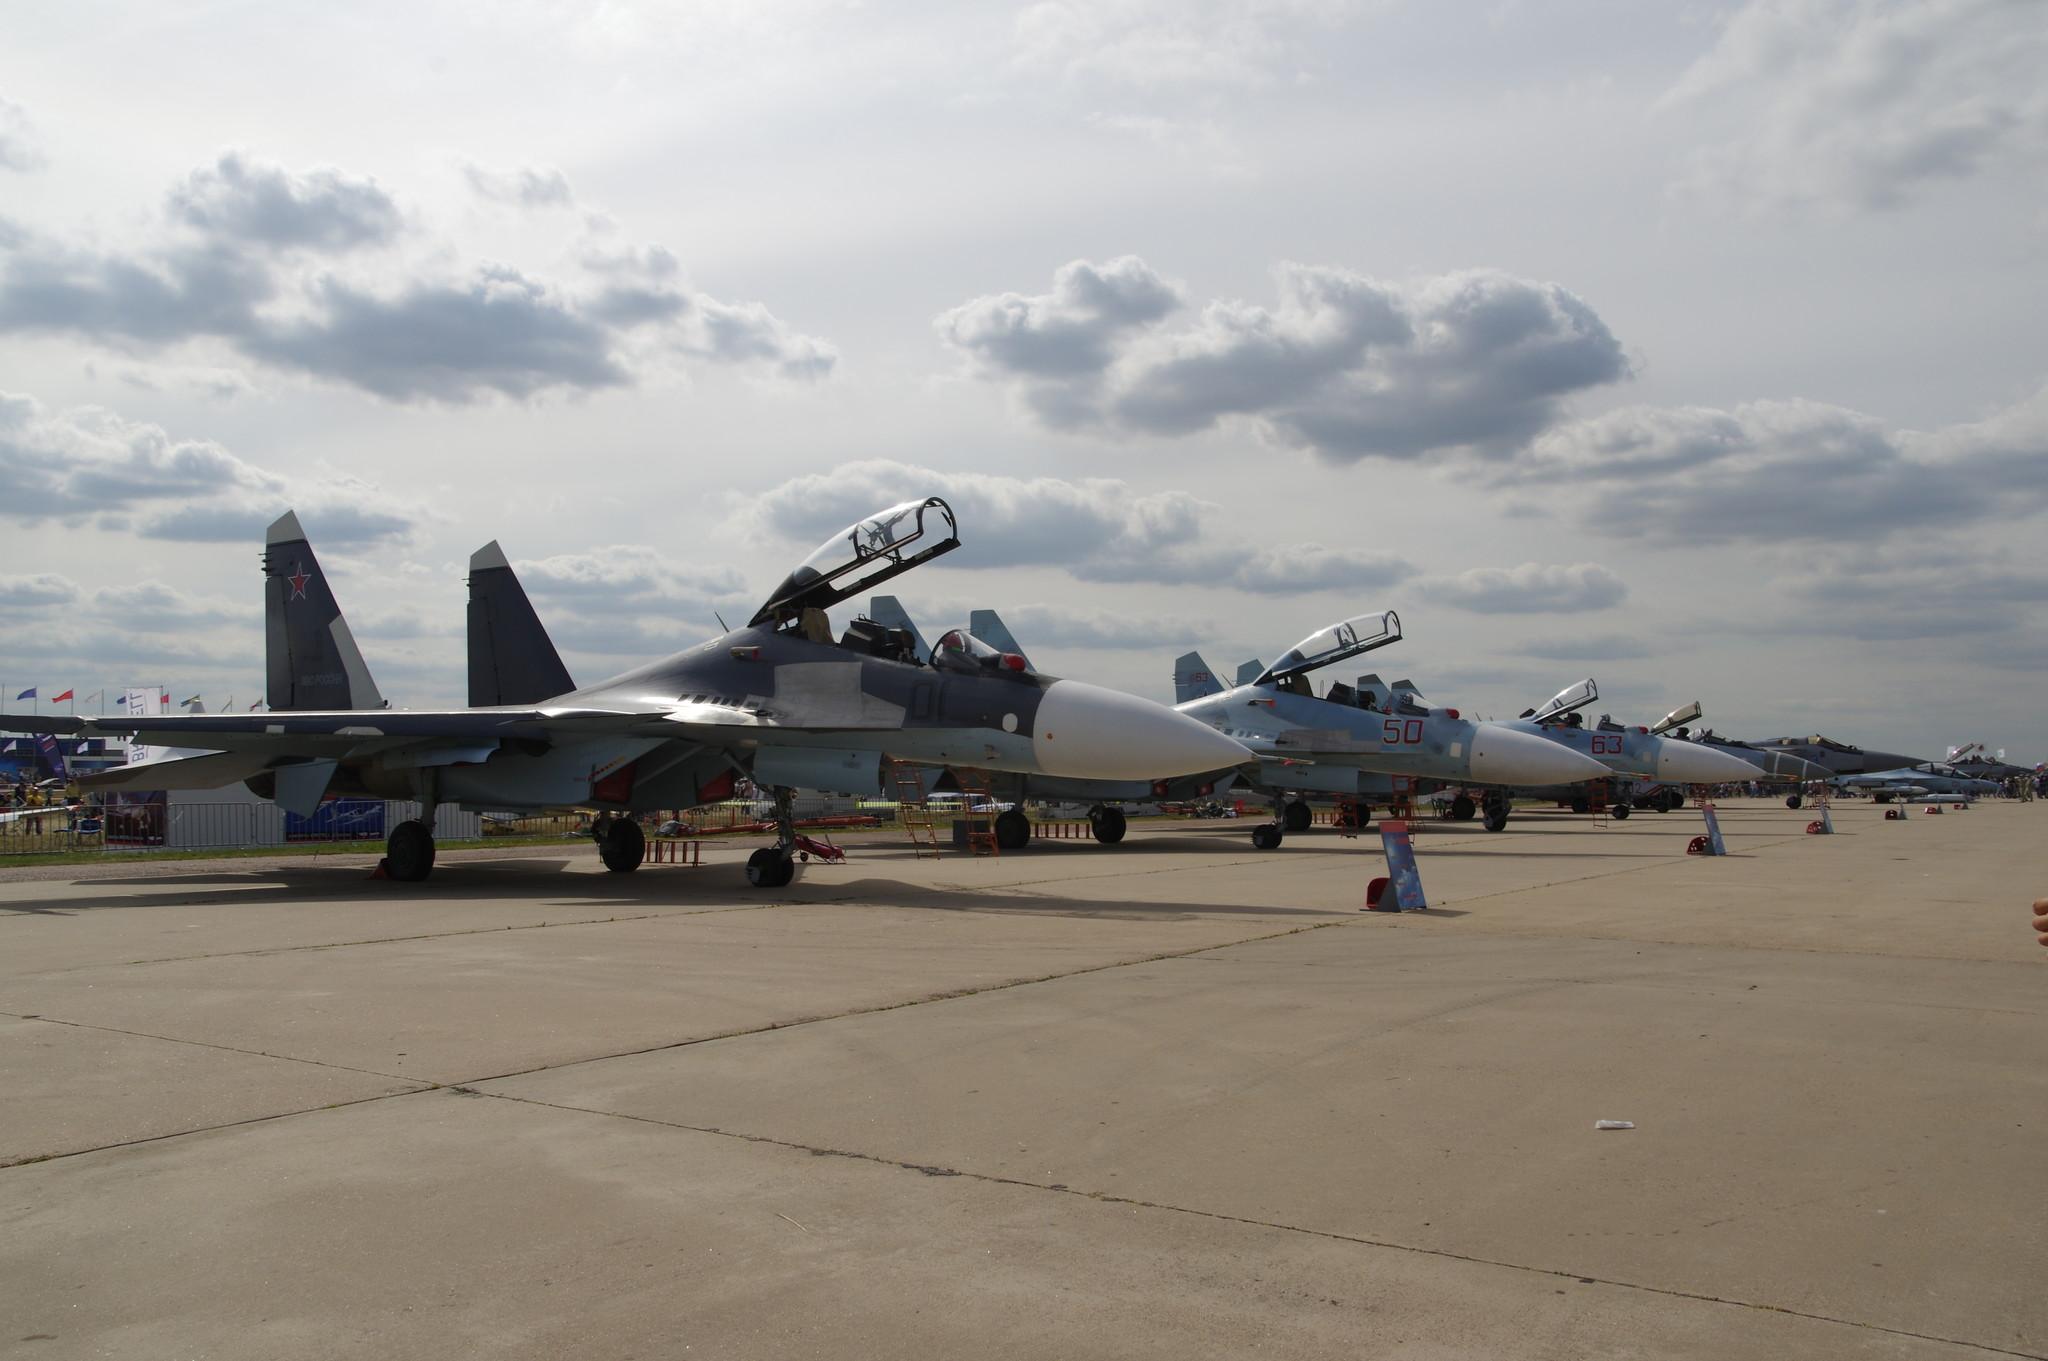 Многоцелевой сверхманевренный истребитель Су-30СМ